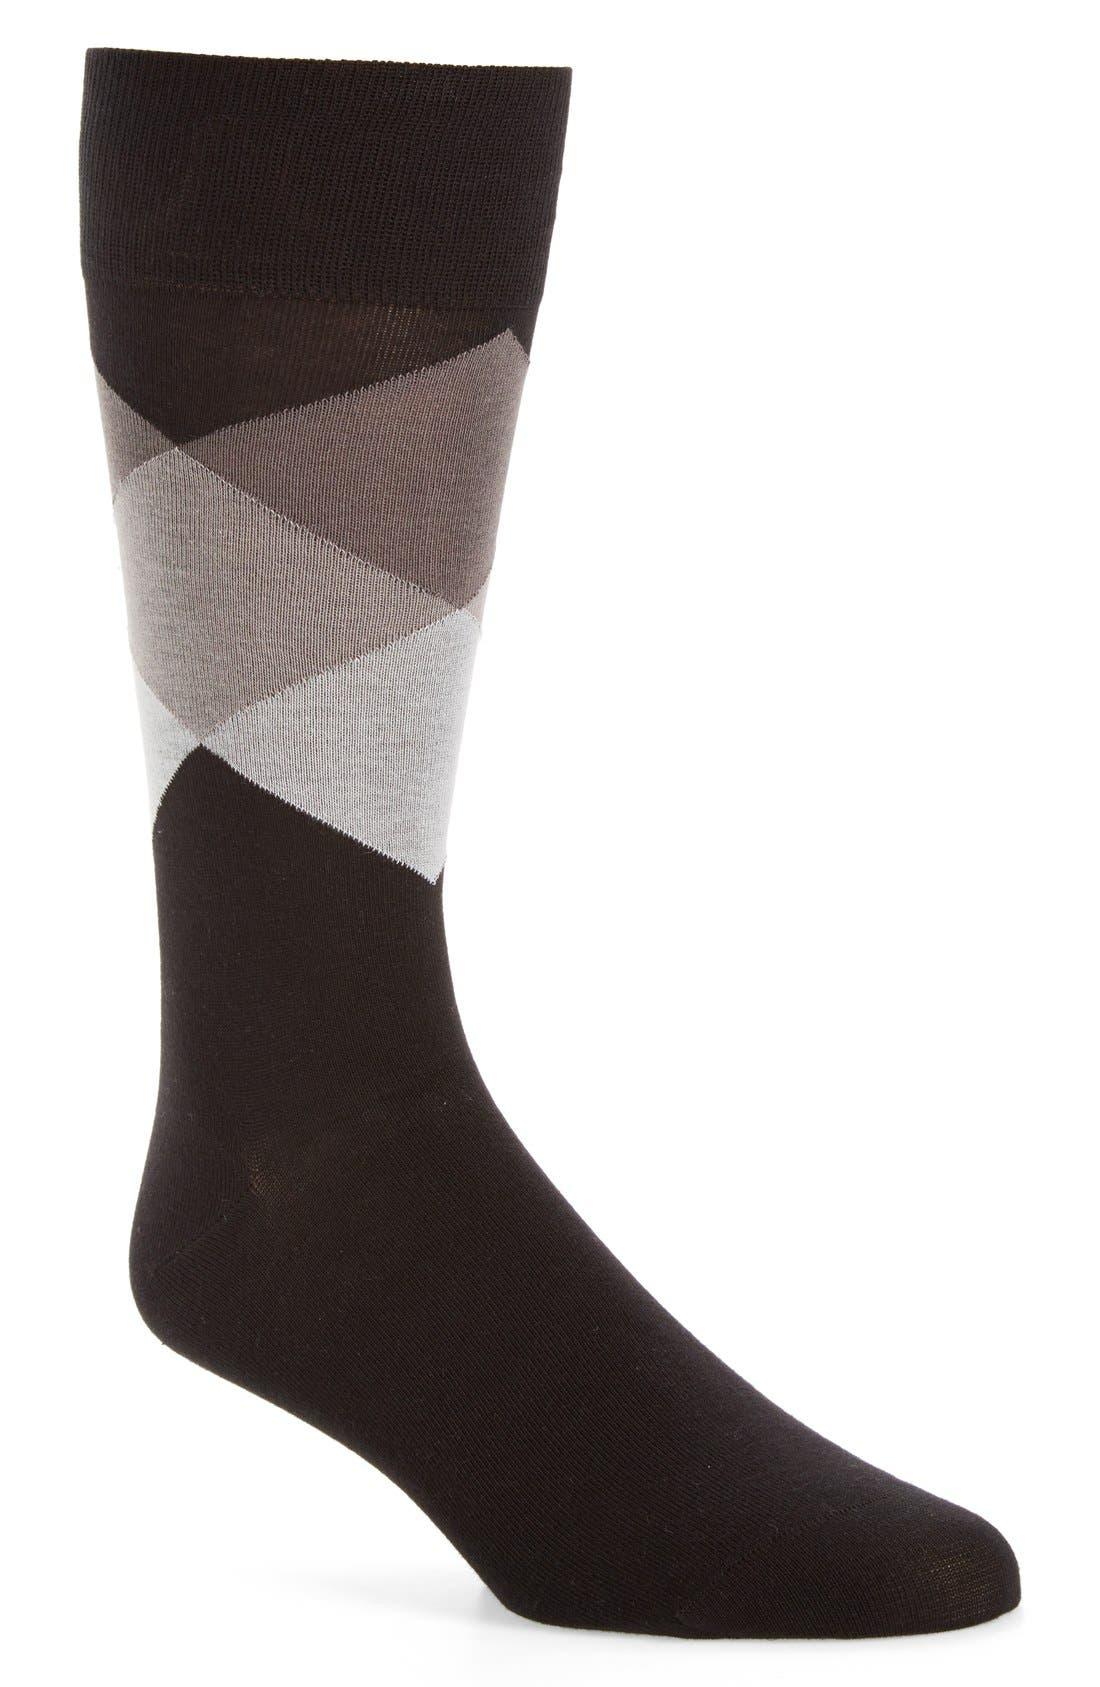 Large Diamond Crew Socks,                             Main thumbnail 1, color,                             BLACK